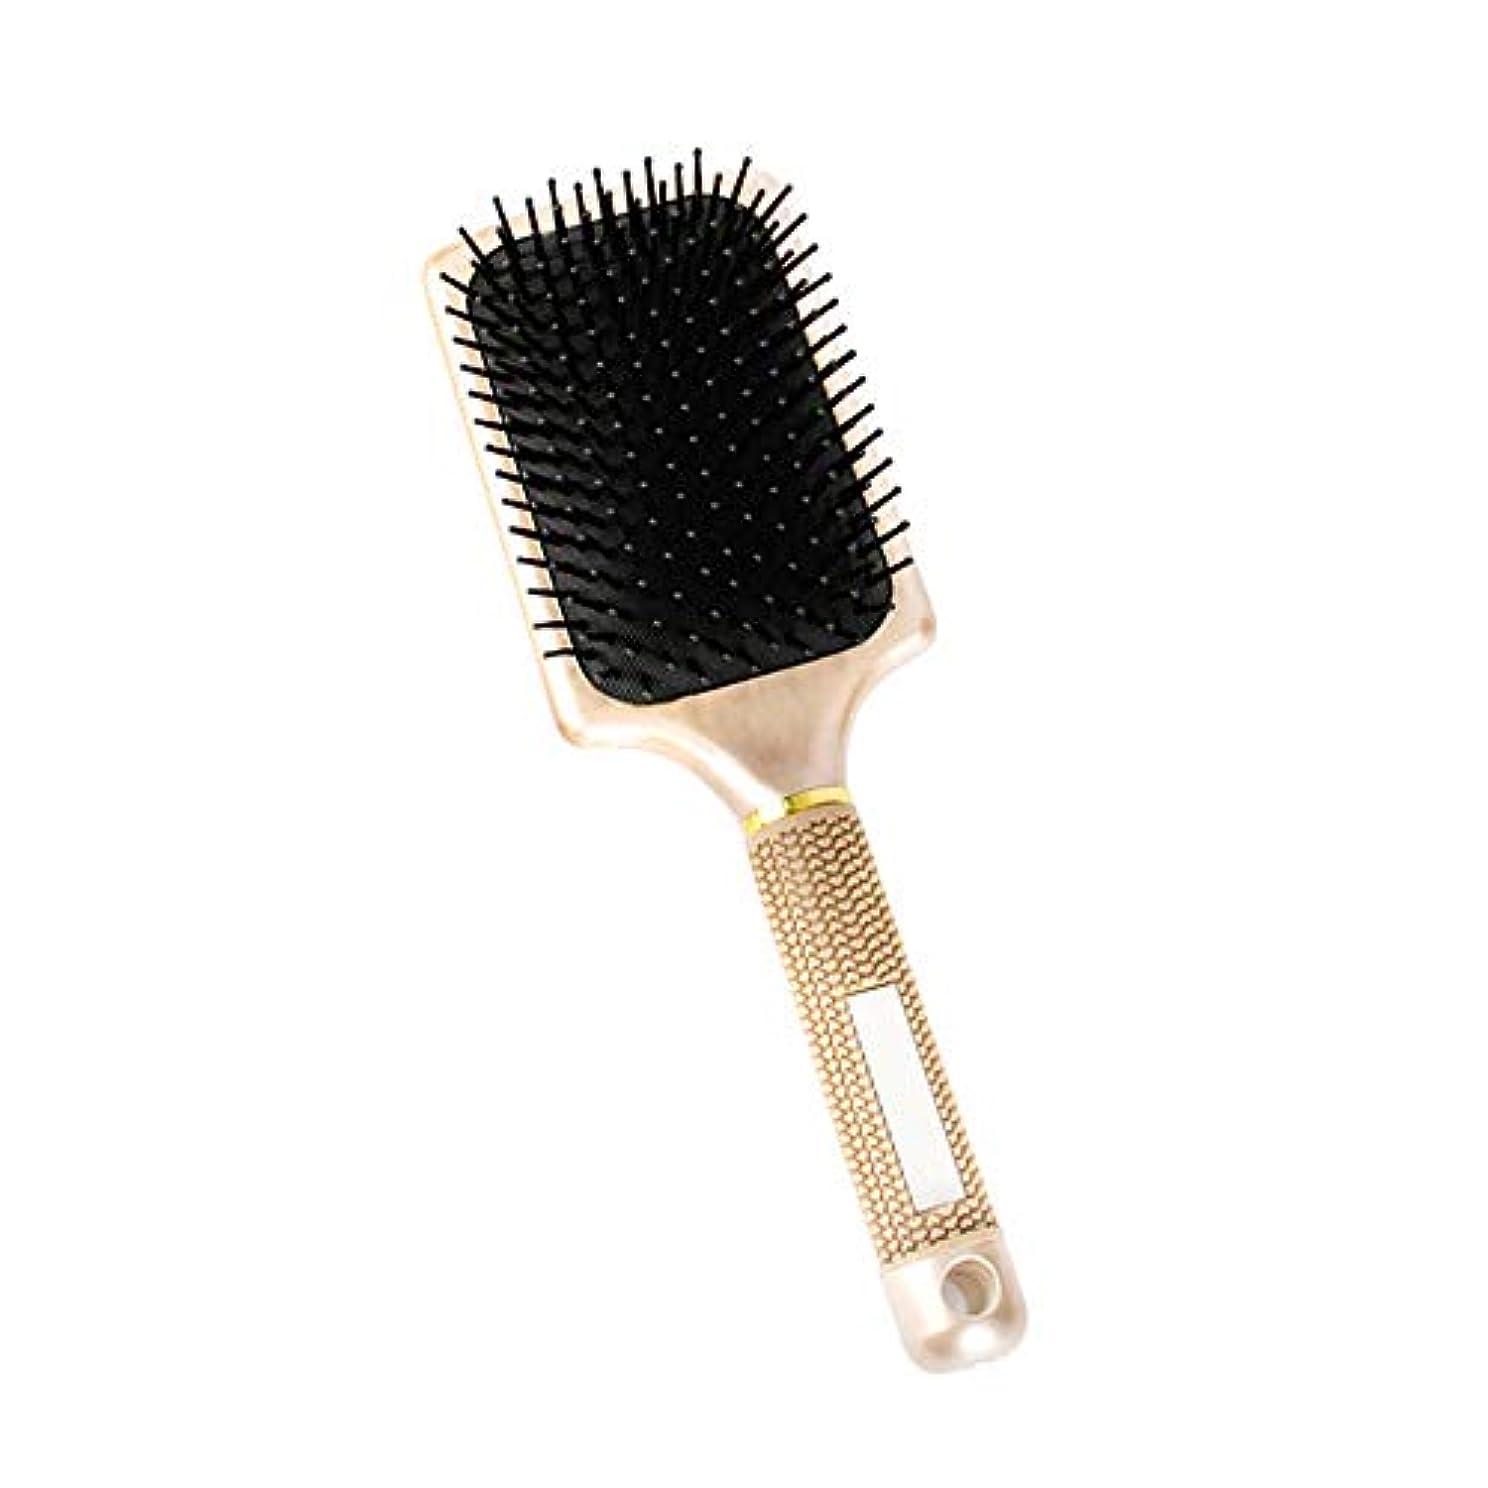 必要としているジョグ論理ピン付きマッサージヘアブラシメッセージケアヘアケアアクセサリー用エアクッション付きブラック1個ゴールド